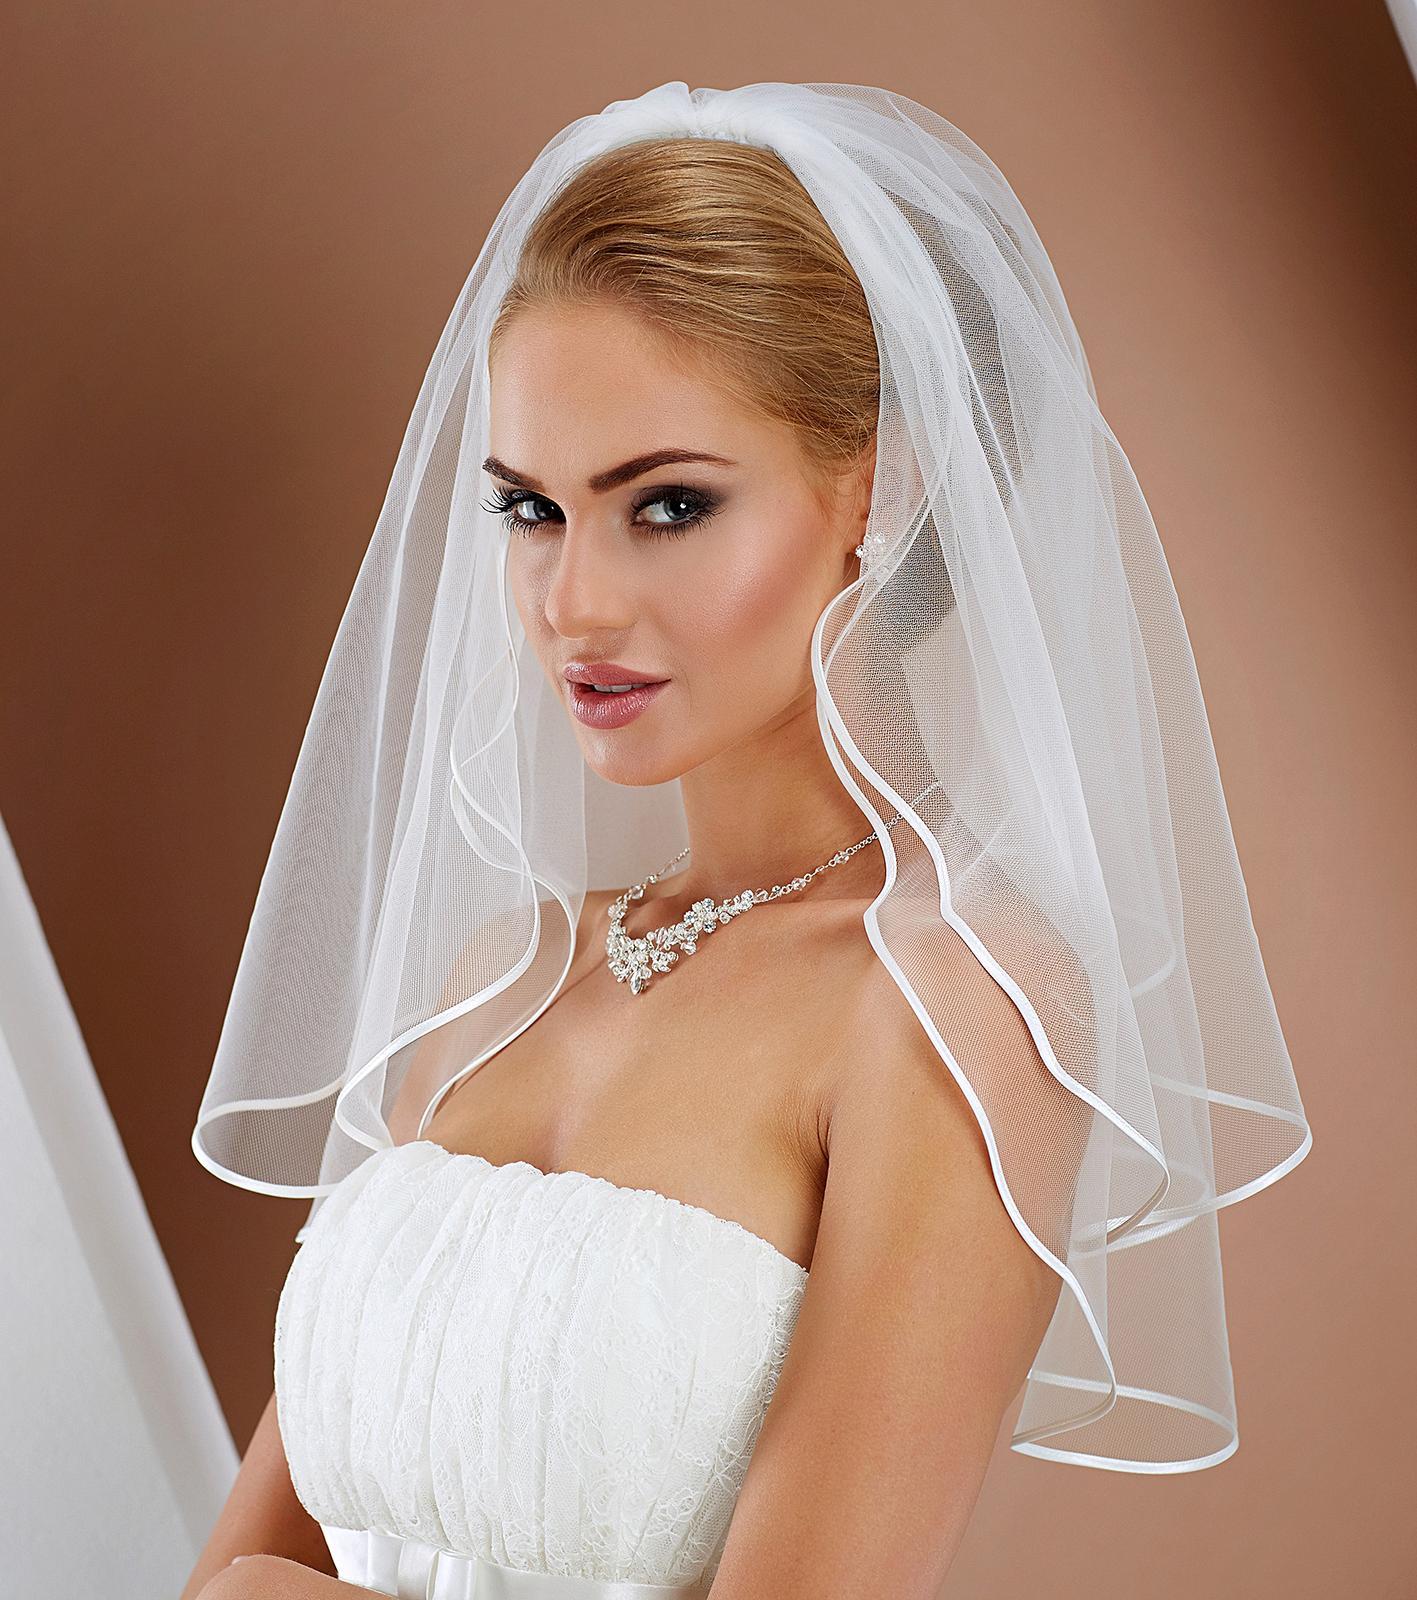 Svadobné závoje - Obrázok č. 1